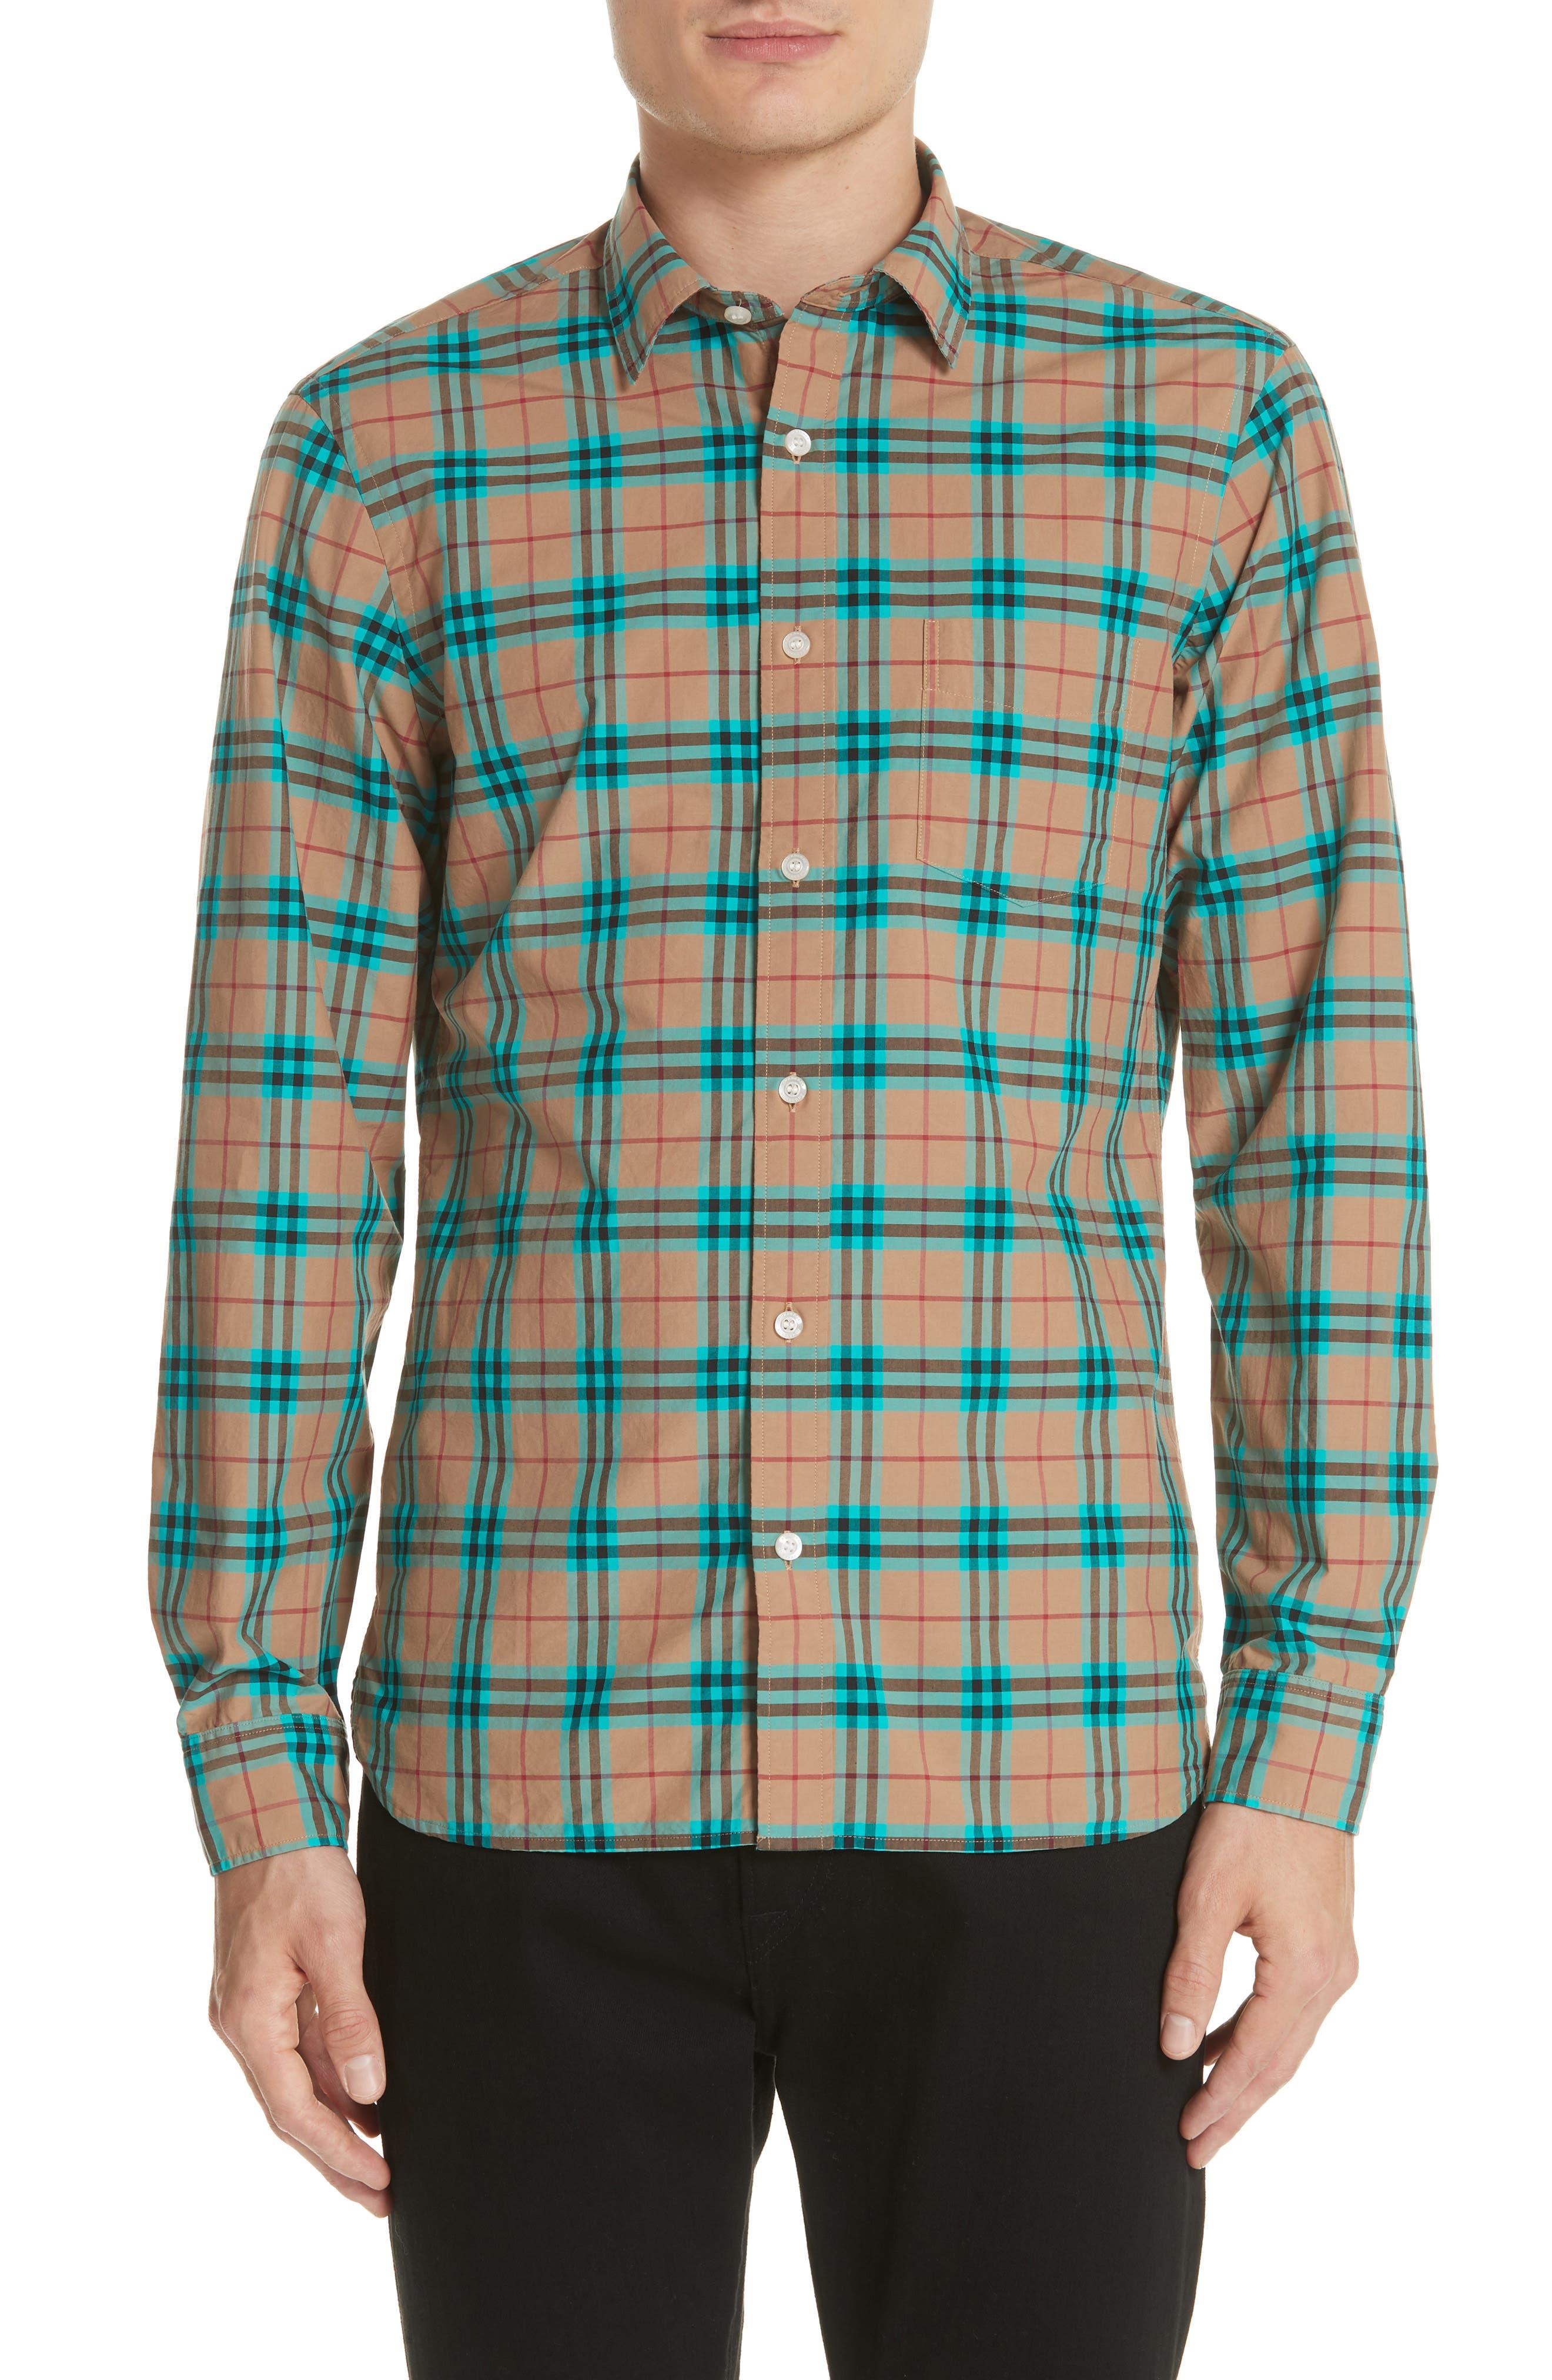 Alexander Check Sport Shirt,                         Main,                         color, Aqua Green